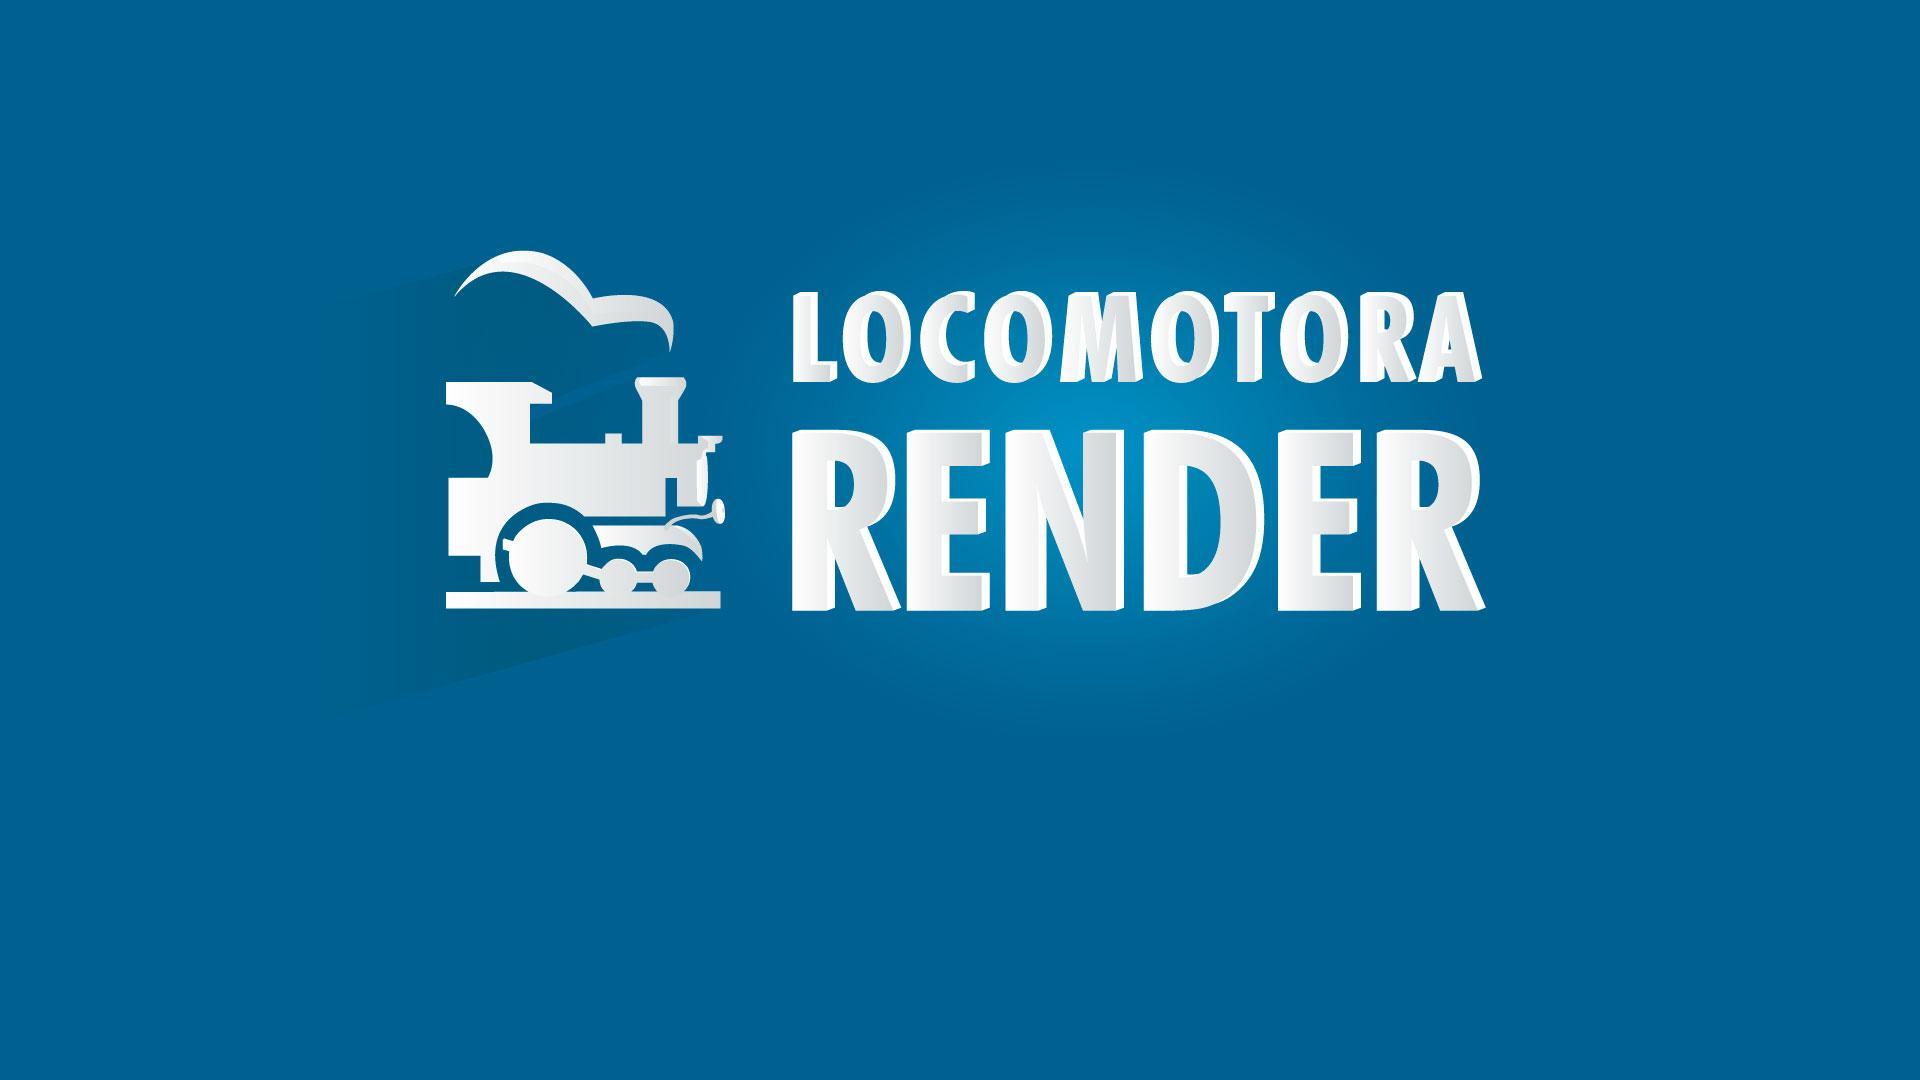 locomotora render background